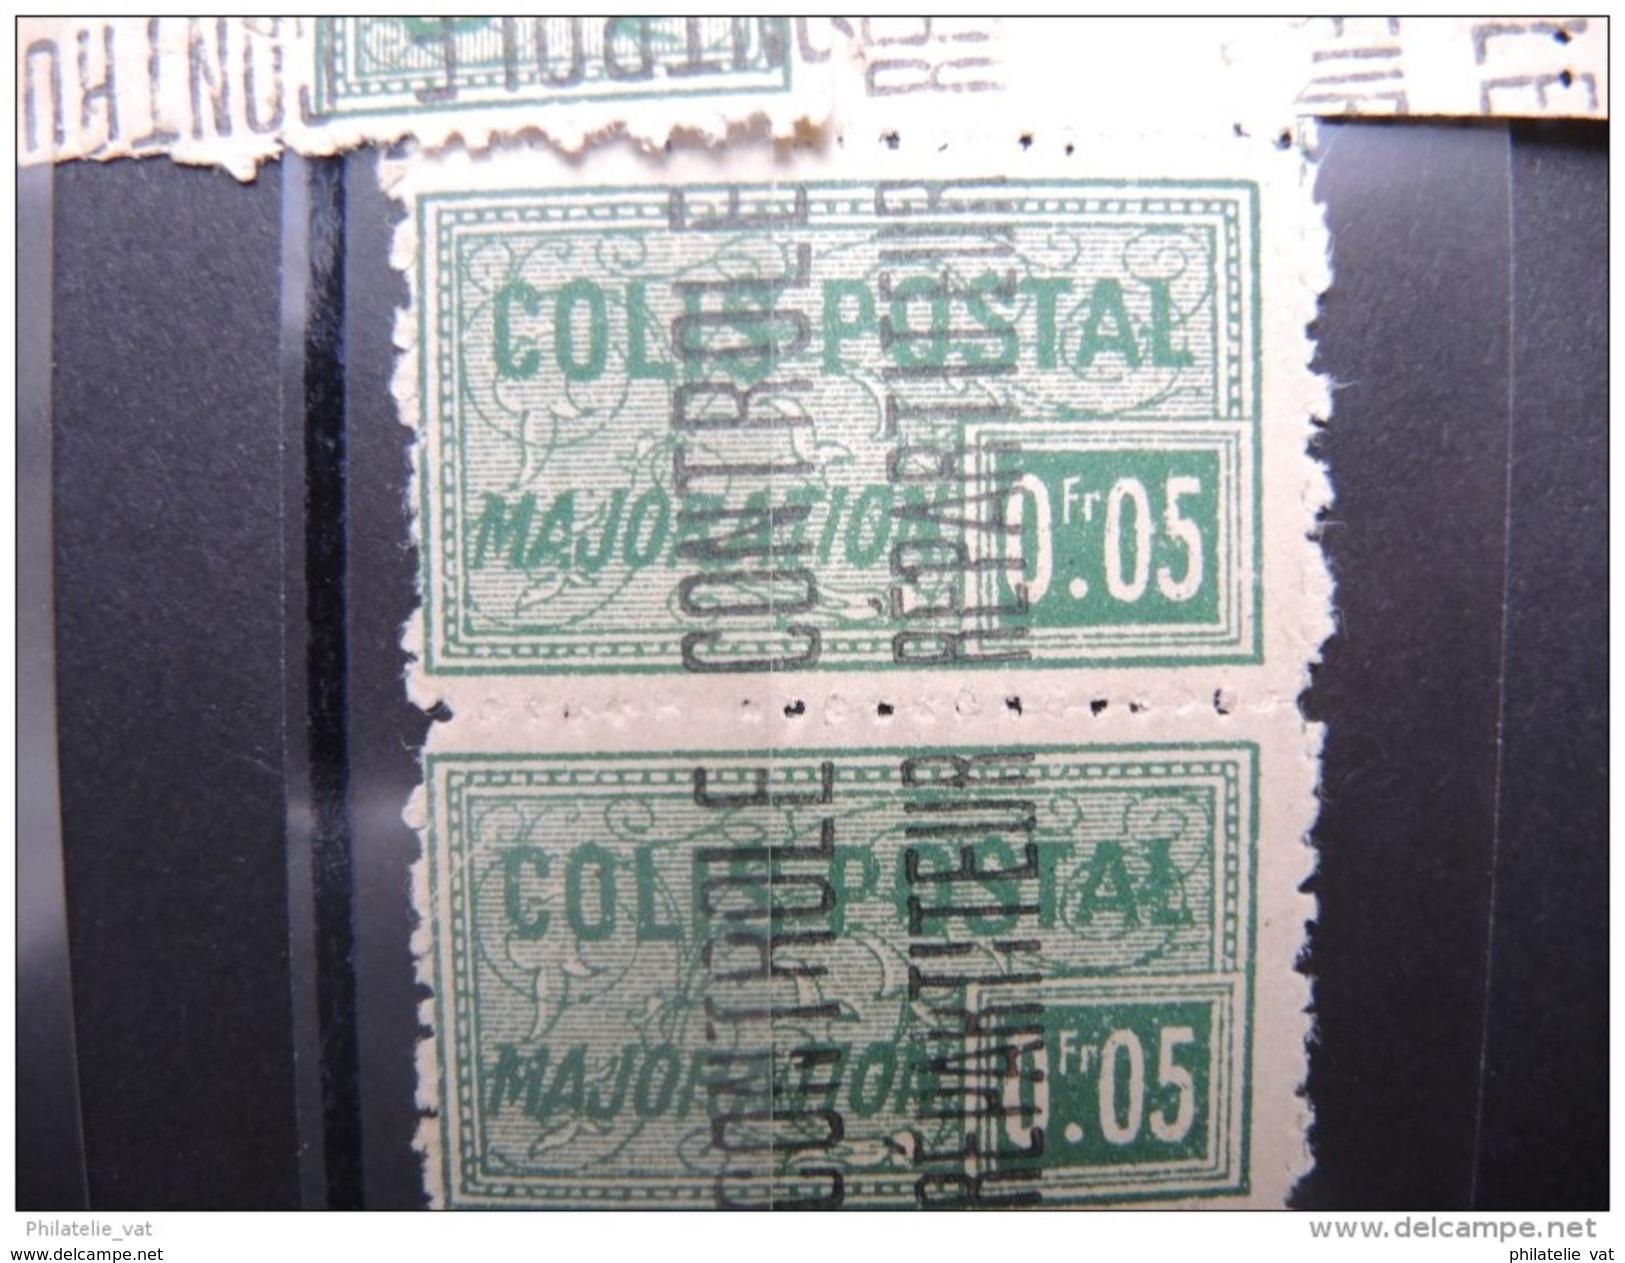 ALGERIE FRANCAISE - Superbe Lot De Colis Postaux - Luxes - 12 Plaquettes - Pas Courant Dans Cette Qualité - P16301 - Algérie (1924-1962)